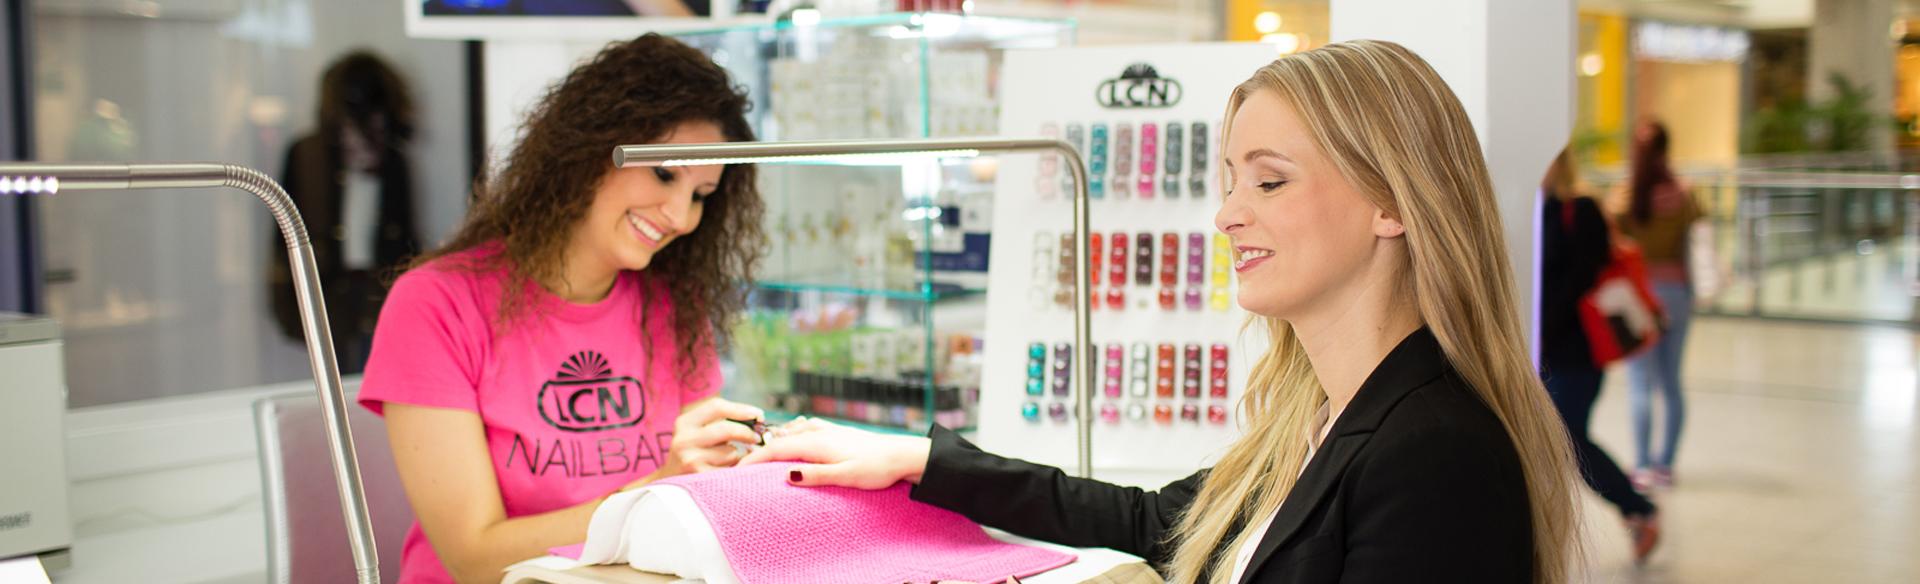 Клиентка у мастера маникюра сушит ногти в лампе